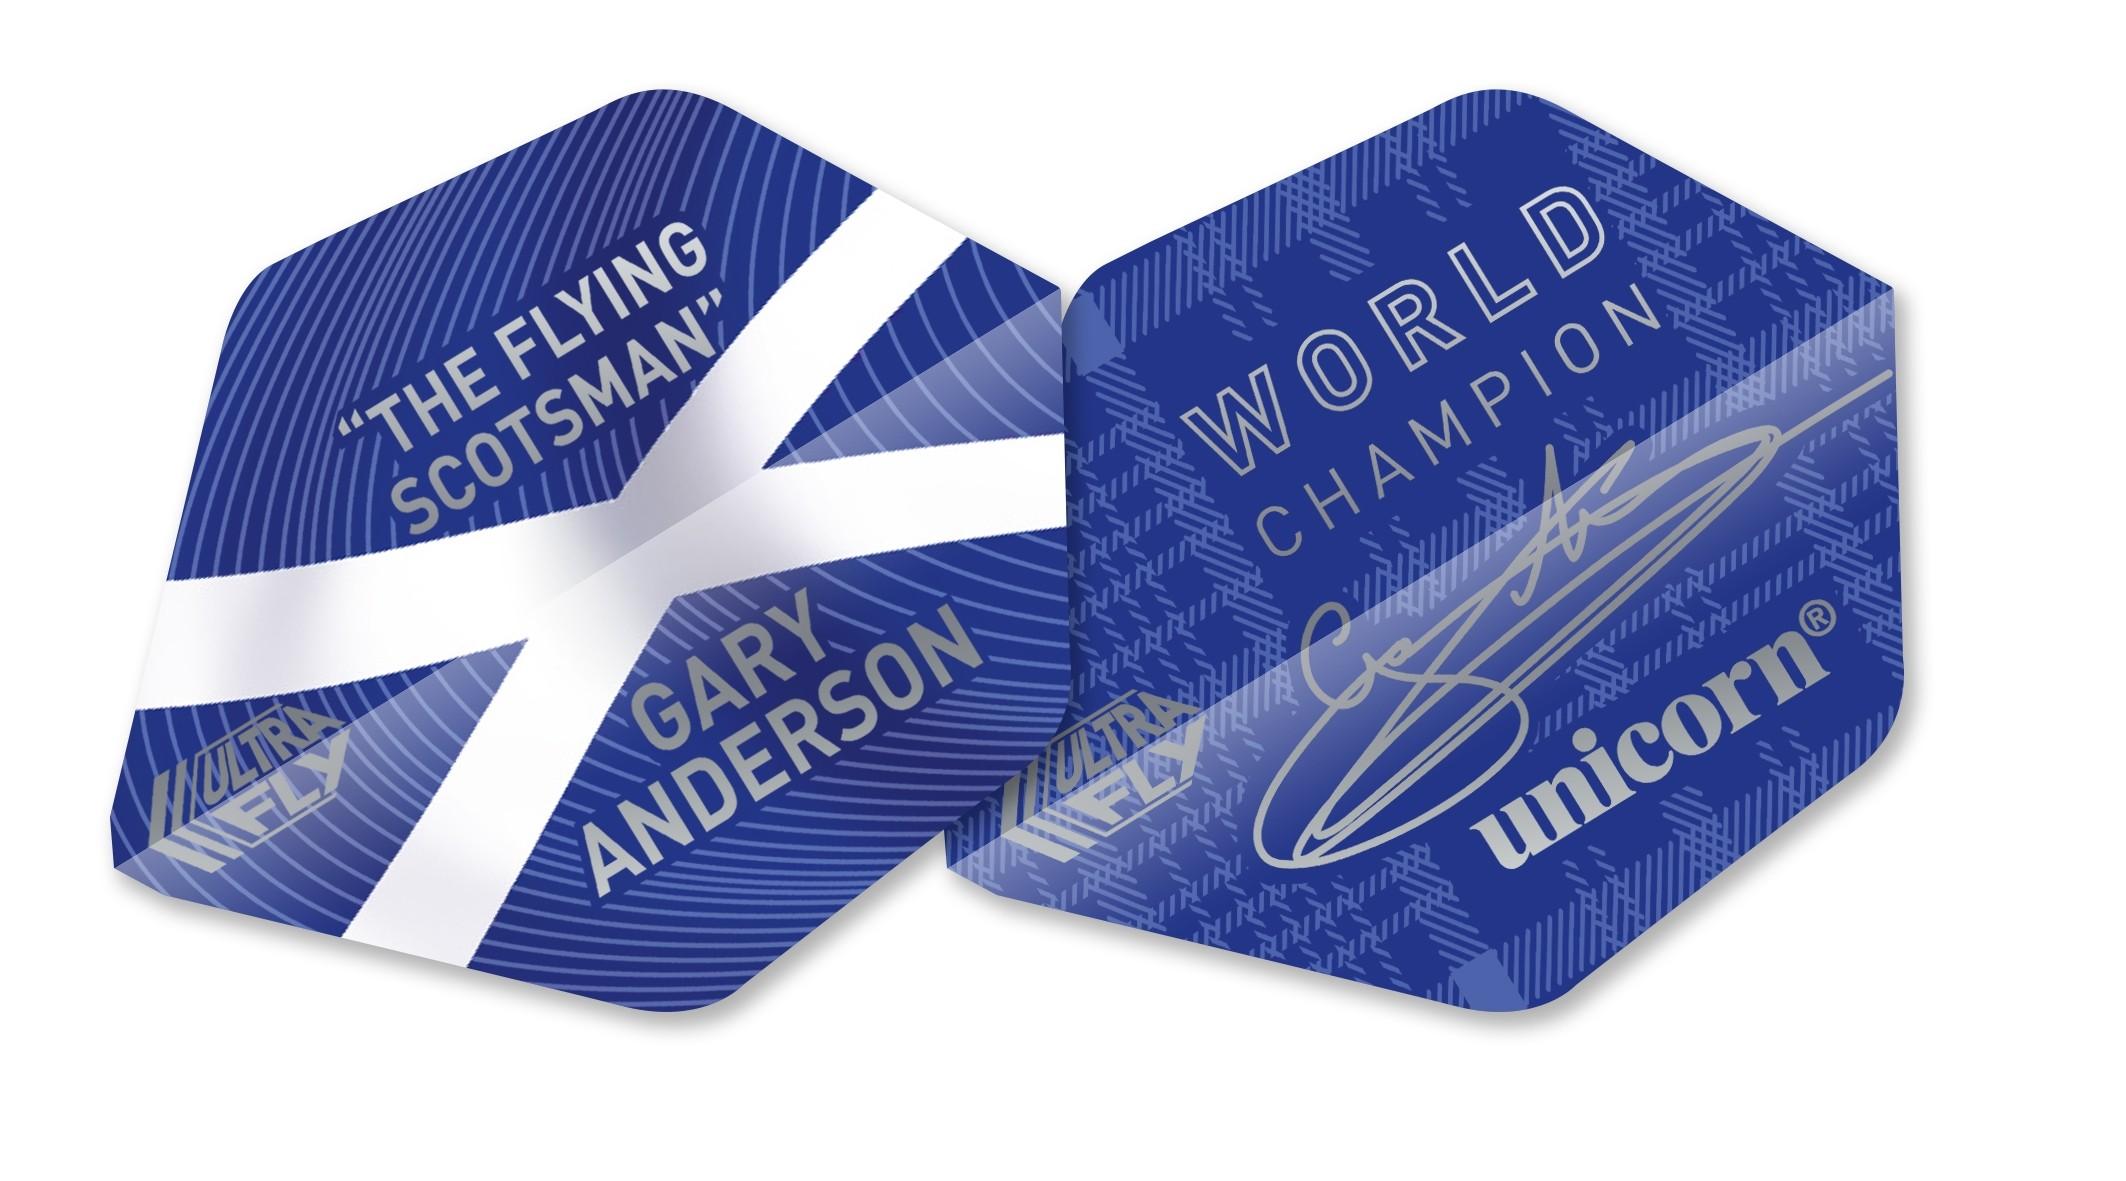 Ultrafly Gary Anderson World Champion Flight - AR